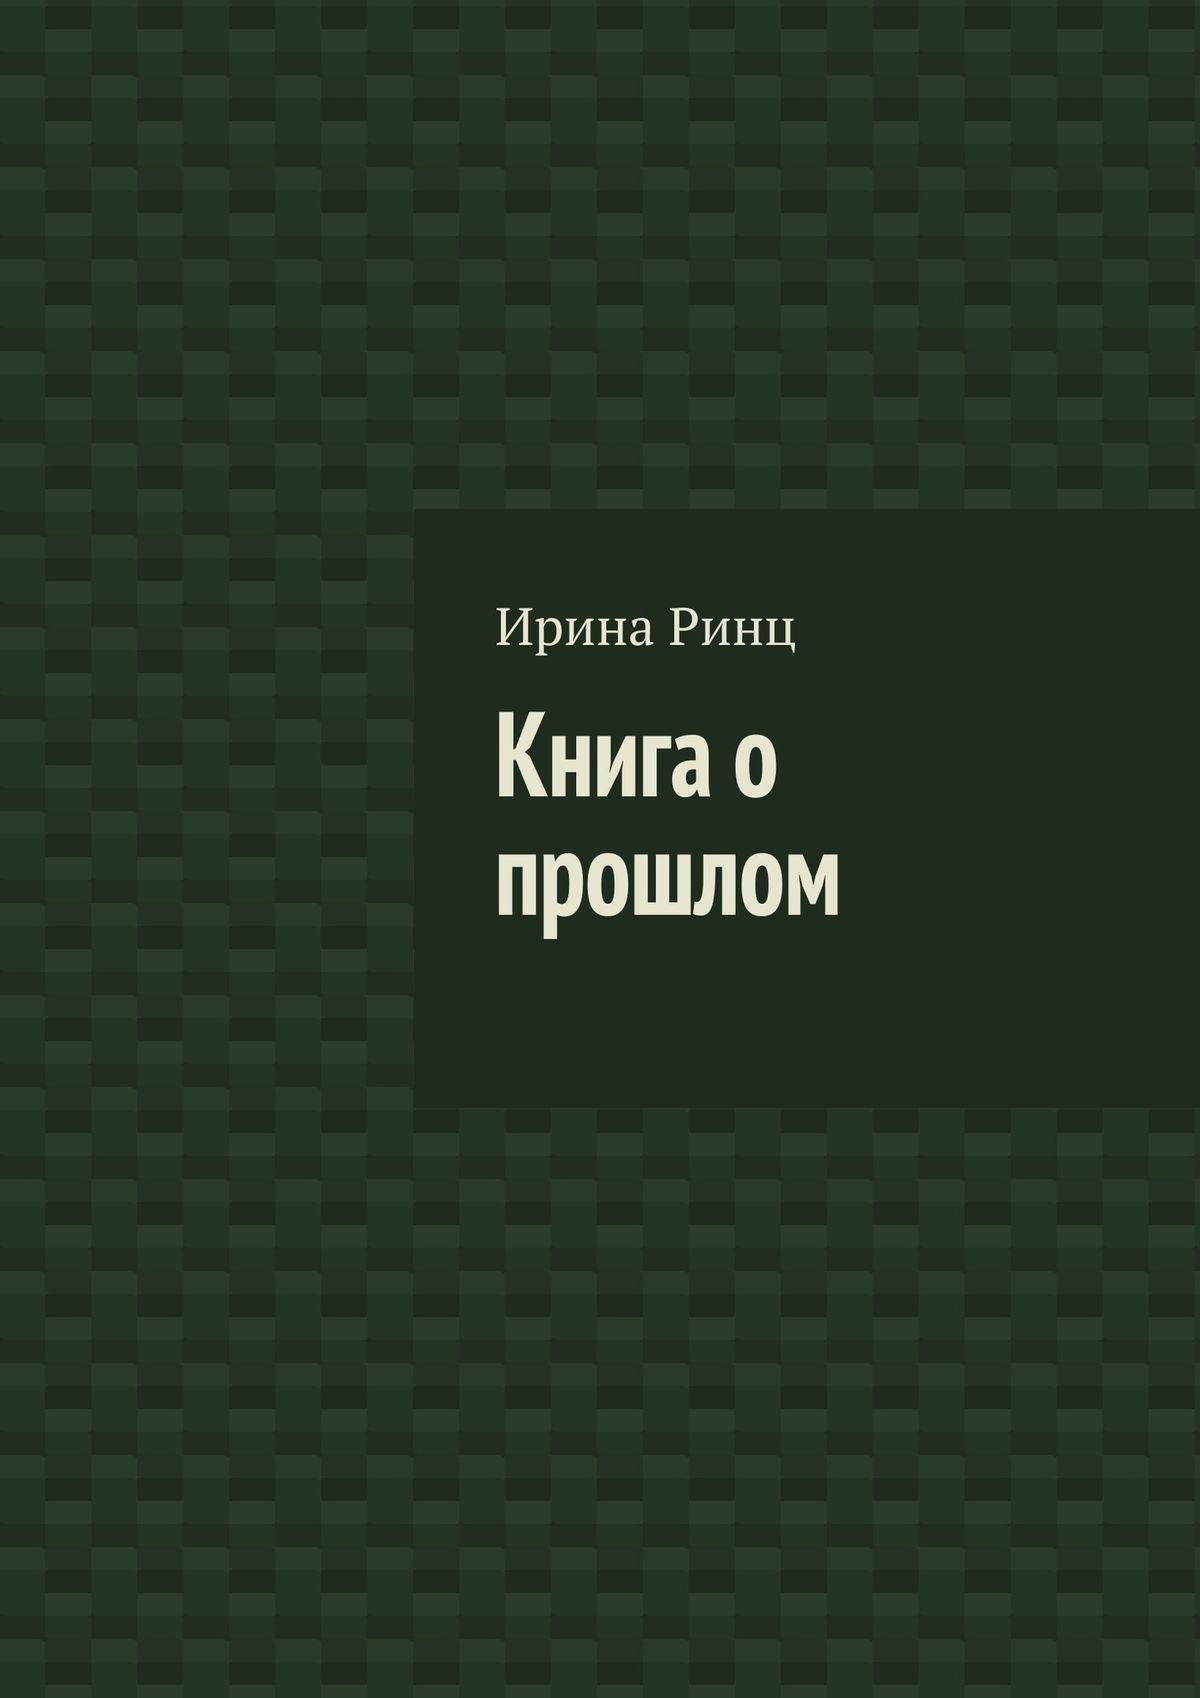 Ирина Ринц Книга о прошлом цена